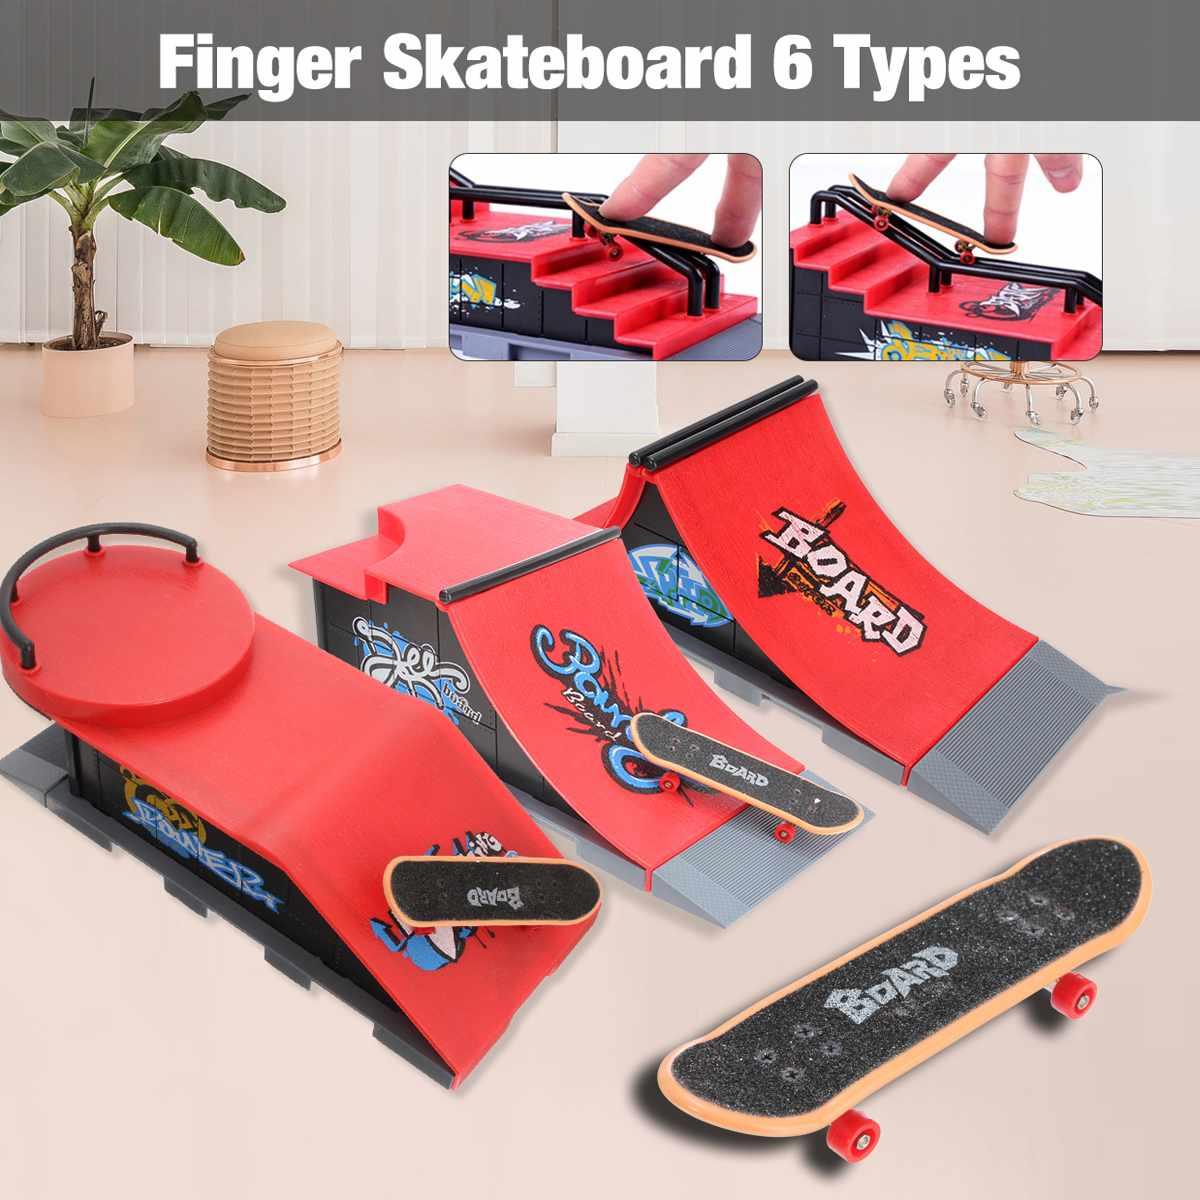 Skate Park Ramp Parts for Tech Deck Fingerboard Finger Board Ultimate Parks Toy